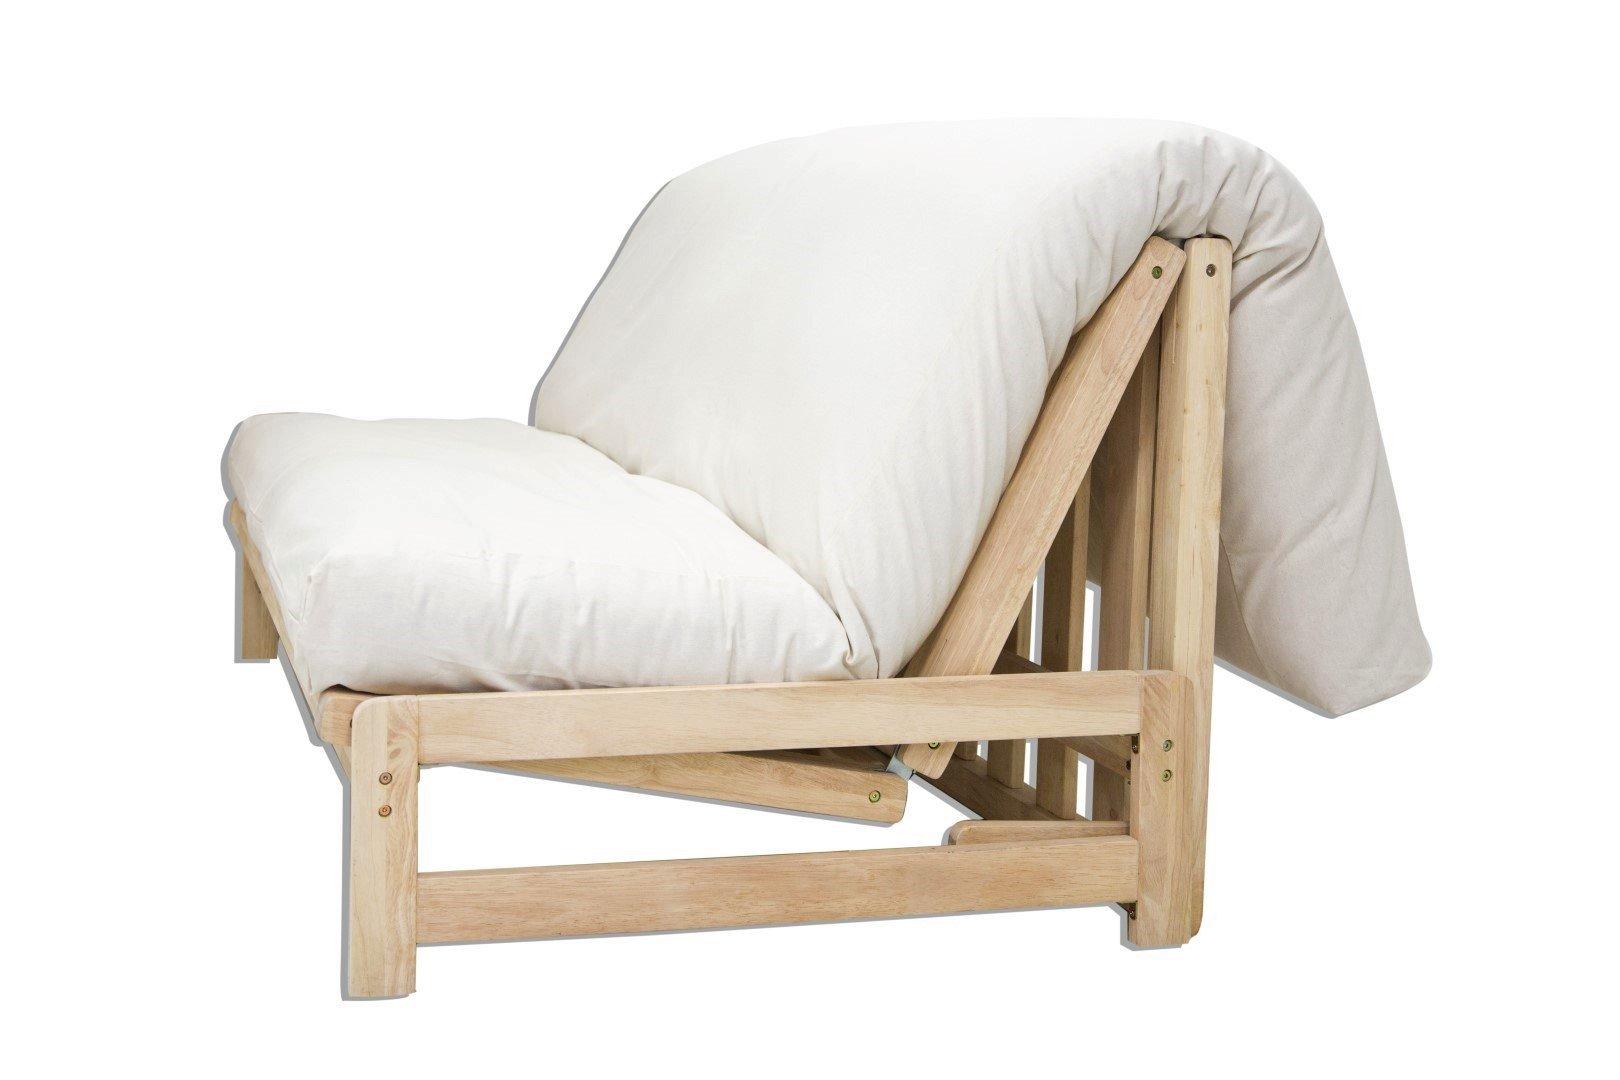 Sofá cama A-Frame , funda cruda, 200x140x30 cm: Amazon.es: Hogar